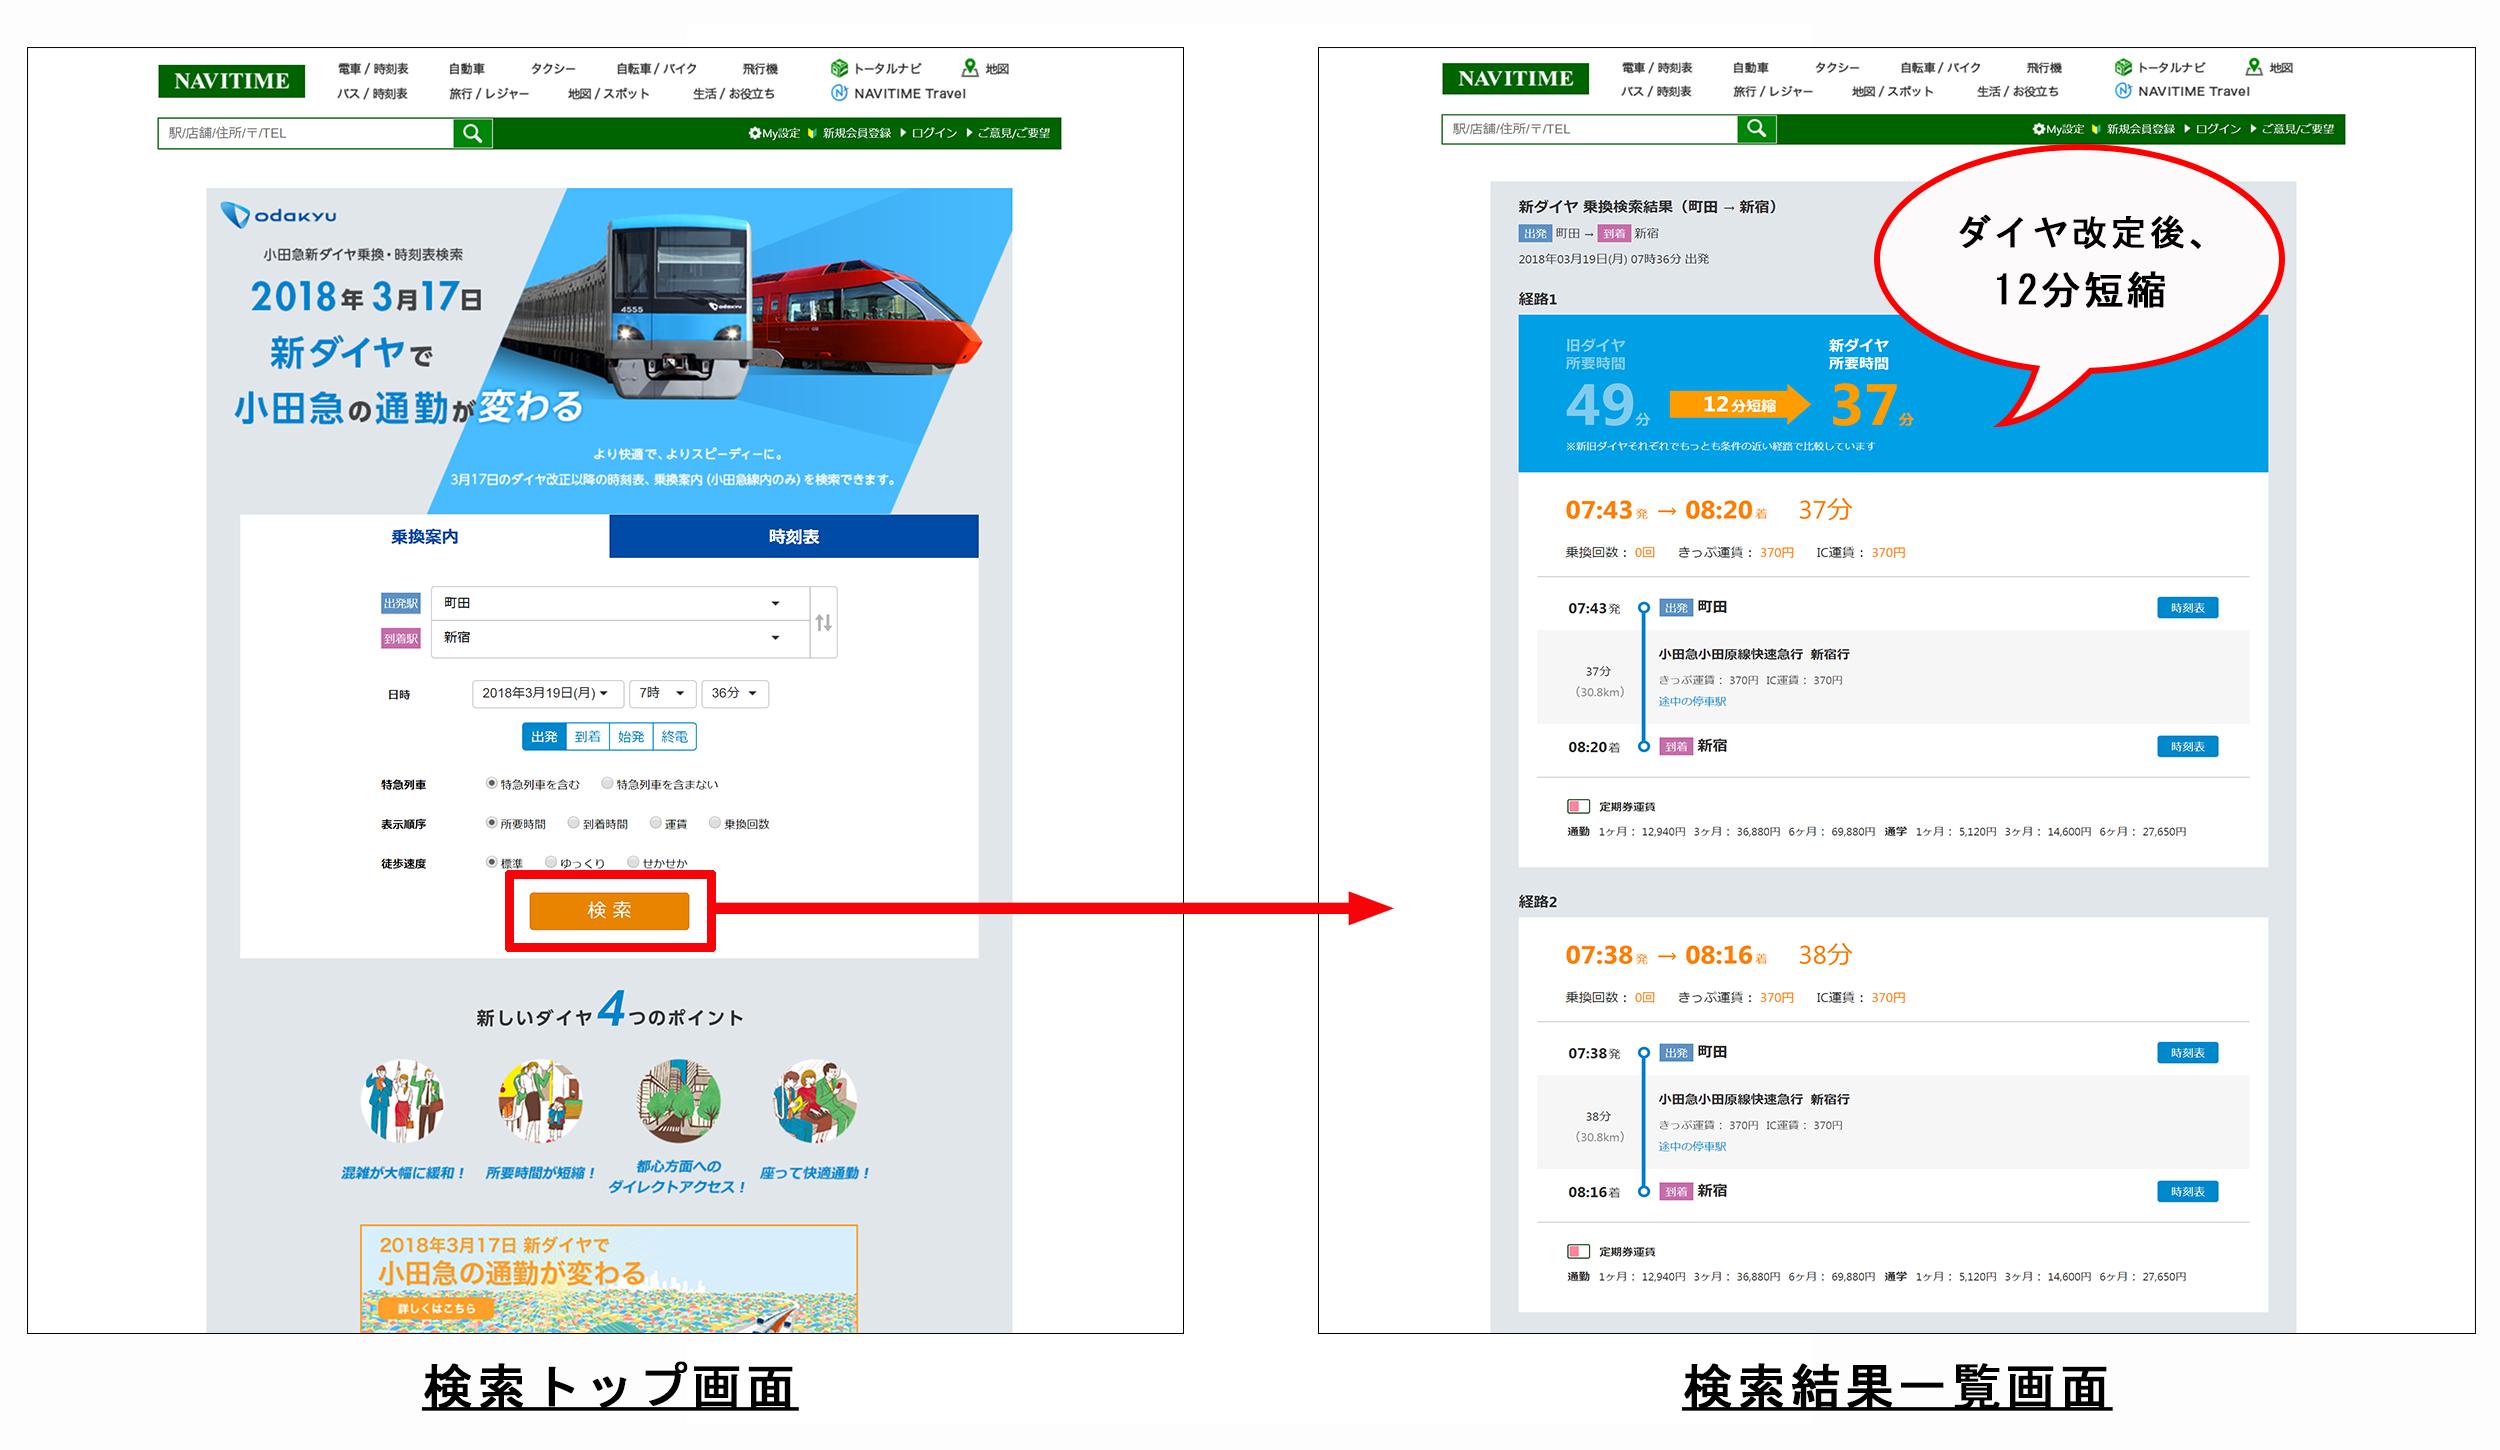 http://corporate.navitime.co.jp/topics/d08b013bd3471228c8cd47f8795823ddfb34a30b.png